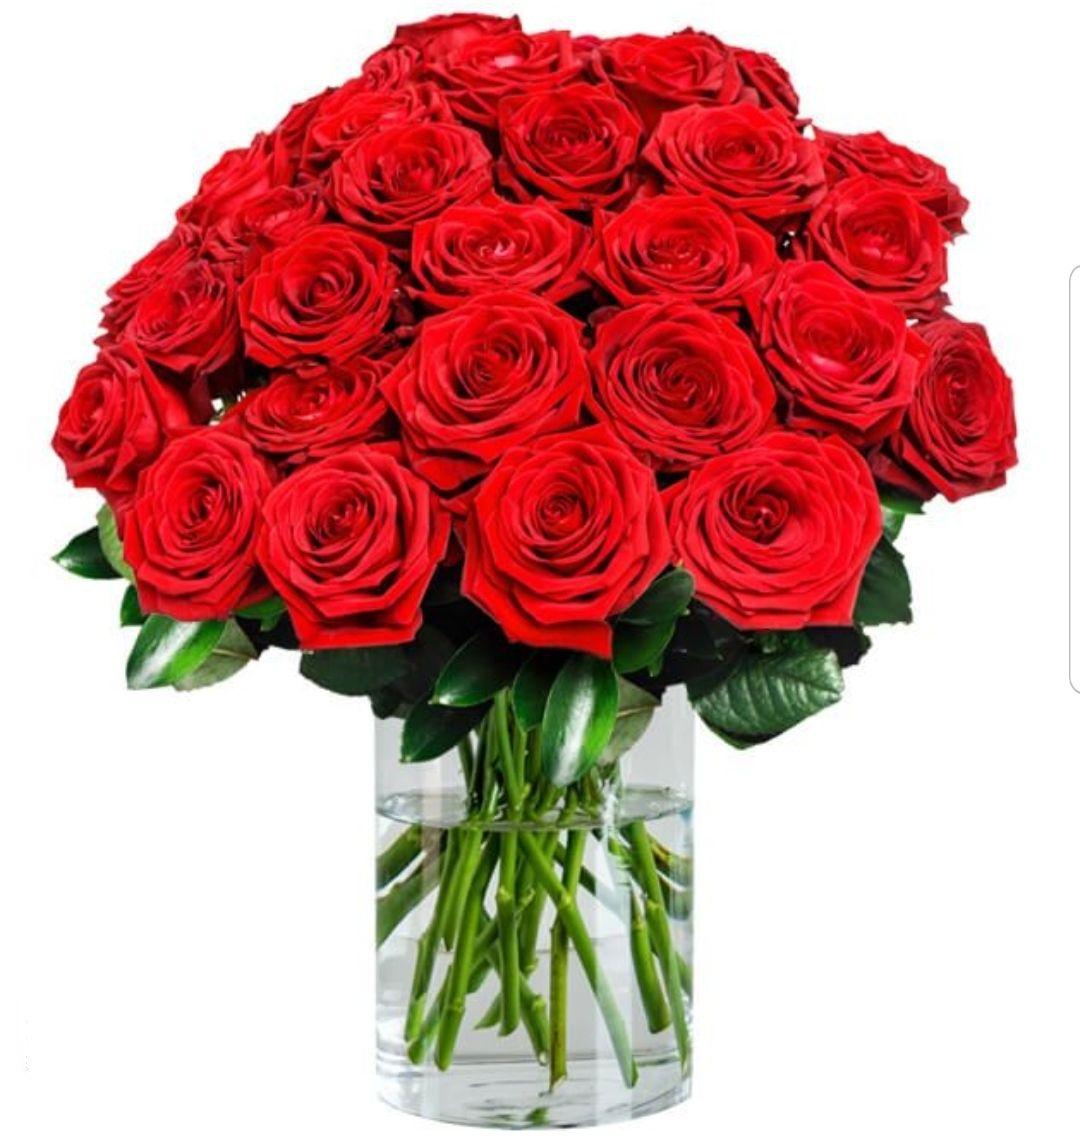 [BlumeIdeal] 5€ Gutschein - MBW 19.95€ / z.B. 30 rote Premium Rosen für 29,98€